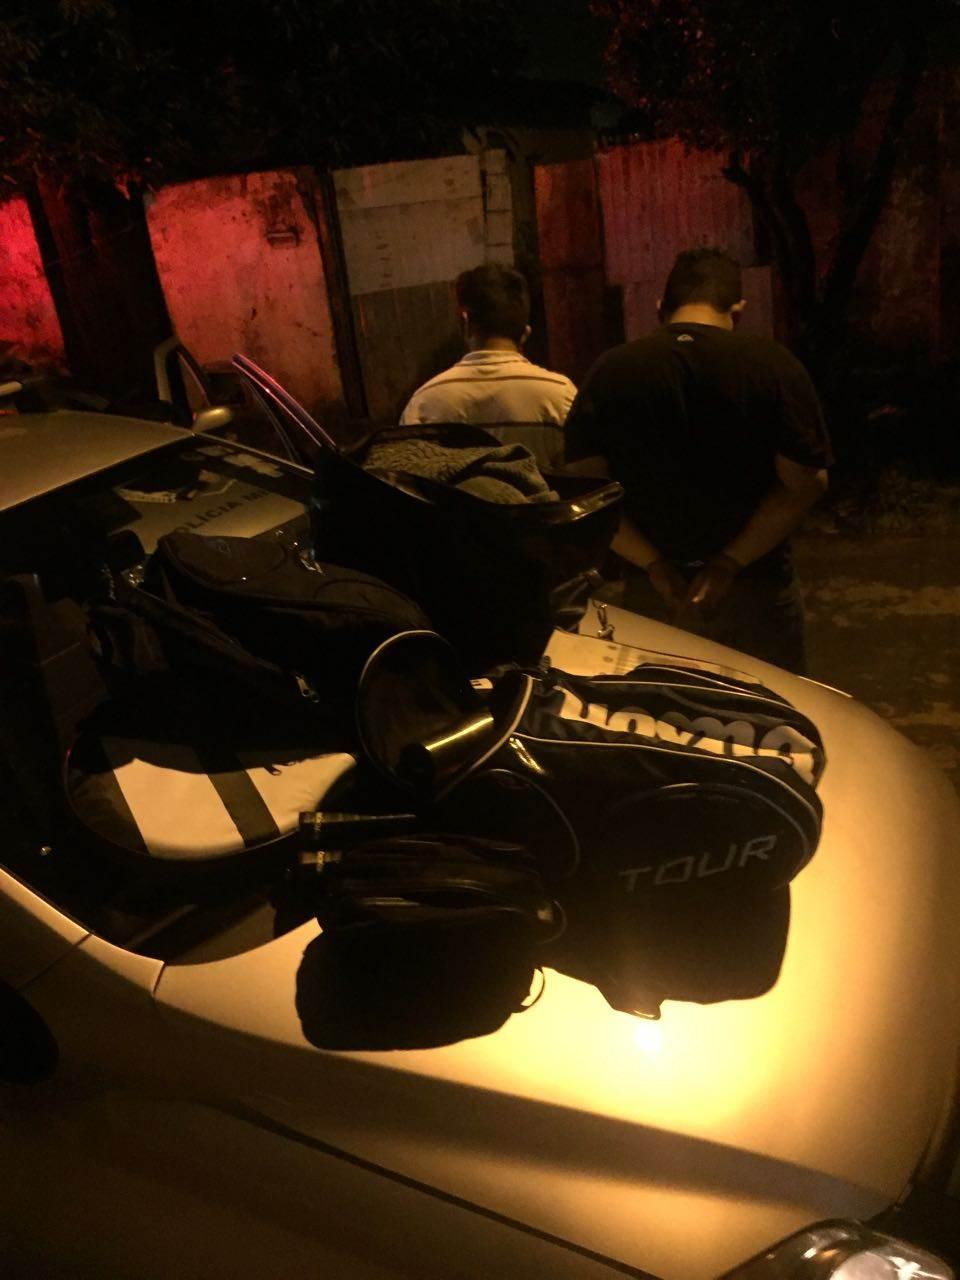 Dentro do veículo dos suspeitos foram encontradas mochilas e carteiras, além de diversos materiais, roupas e suplementos esportivos | Foto: Folha Z